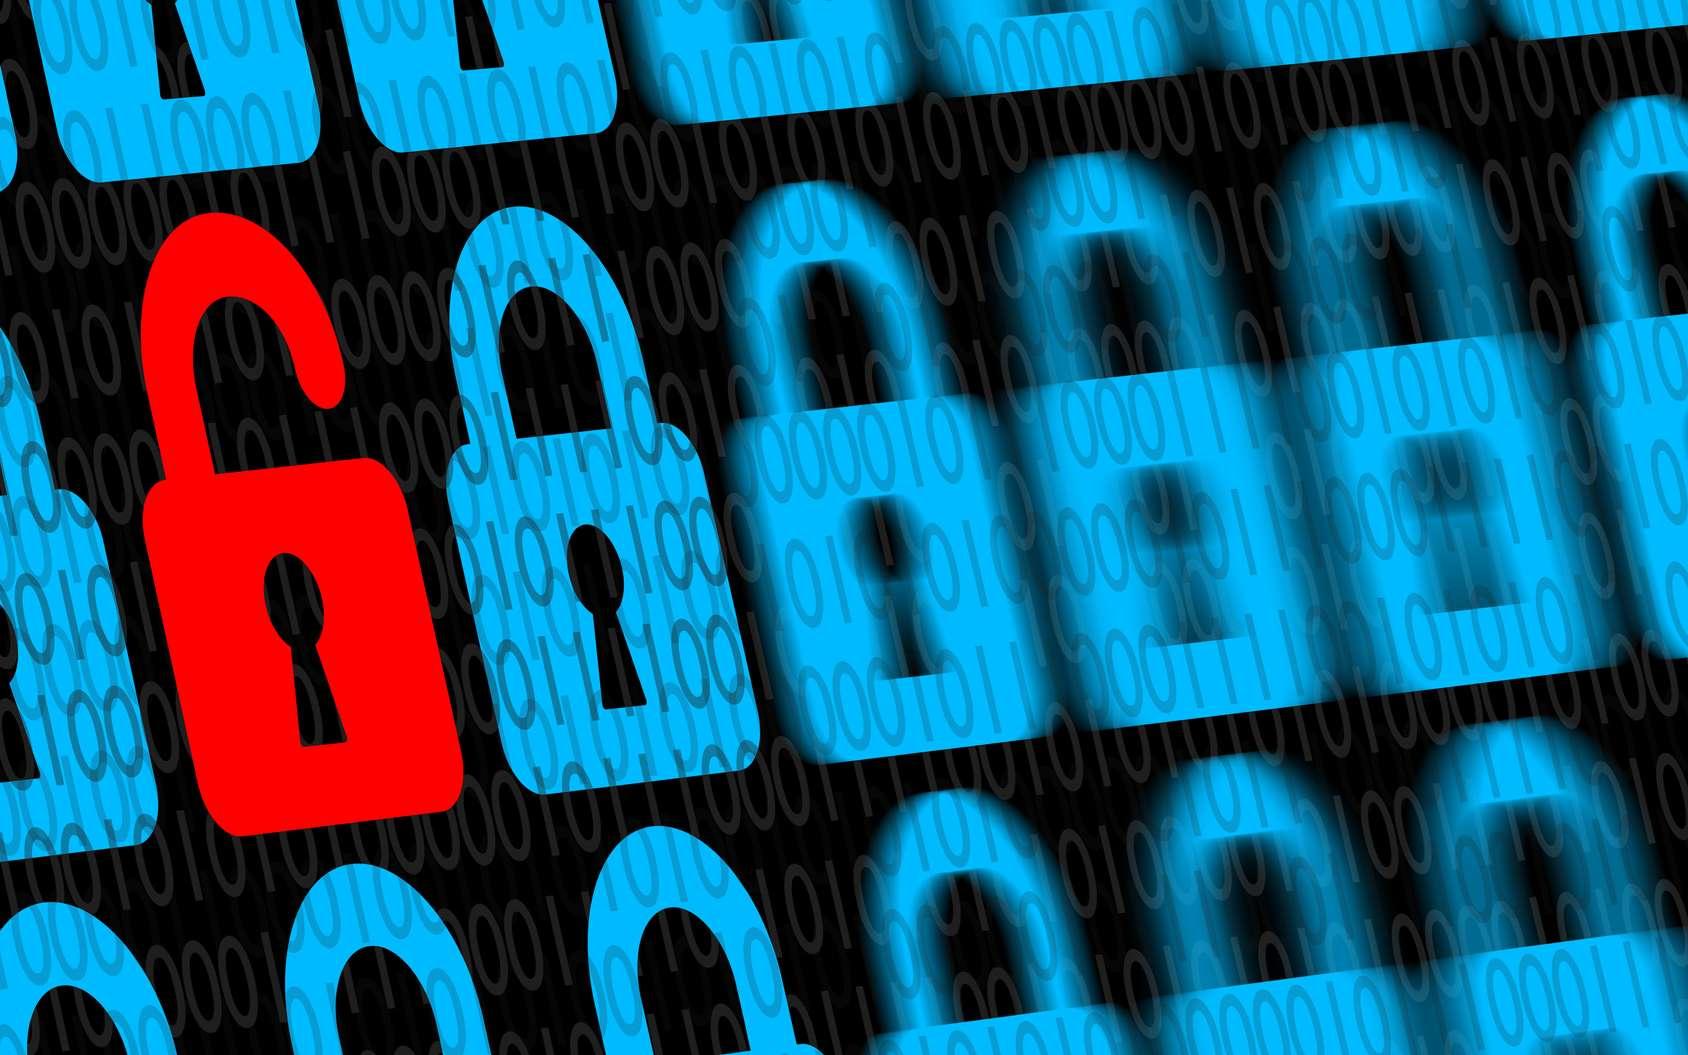 Des chercheurs ont pu reproduire l'attaque Robot. En effet, la faille de sécurité présente dans les serveurs TLS utilisant le chiffrement RSA n'a pas été correctement colmatée en raison de la complexité des contre-mesures mises en place il y a 19 ans. © Adrian_ilie825, Fotolia